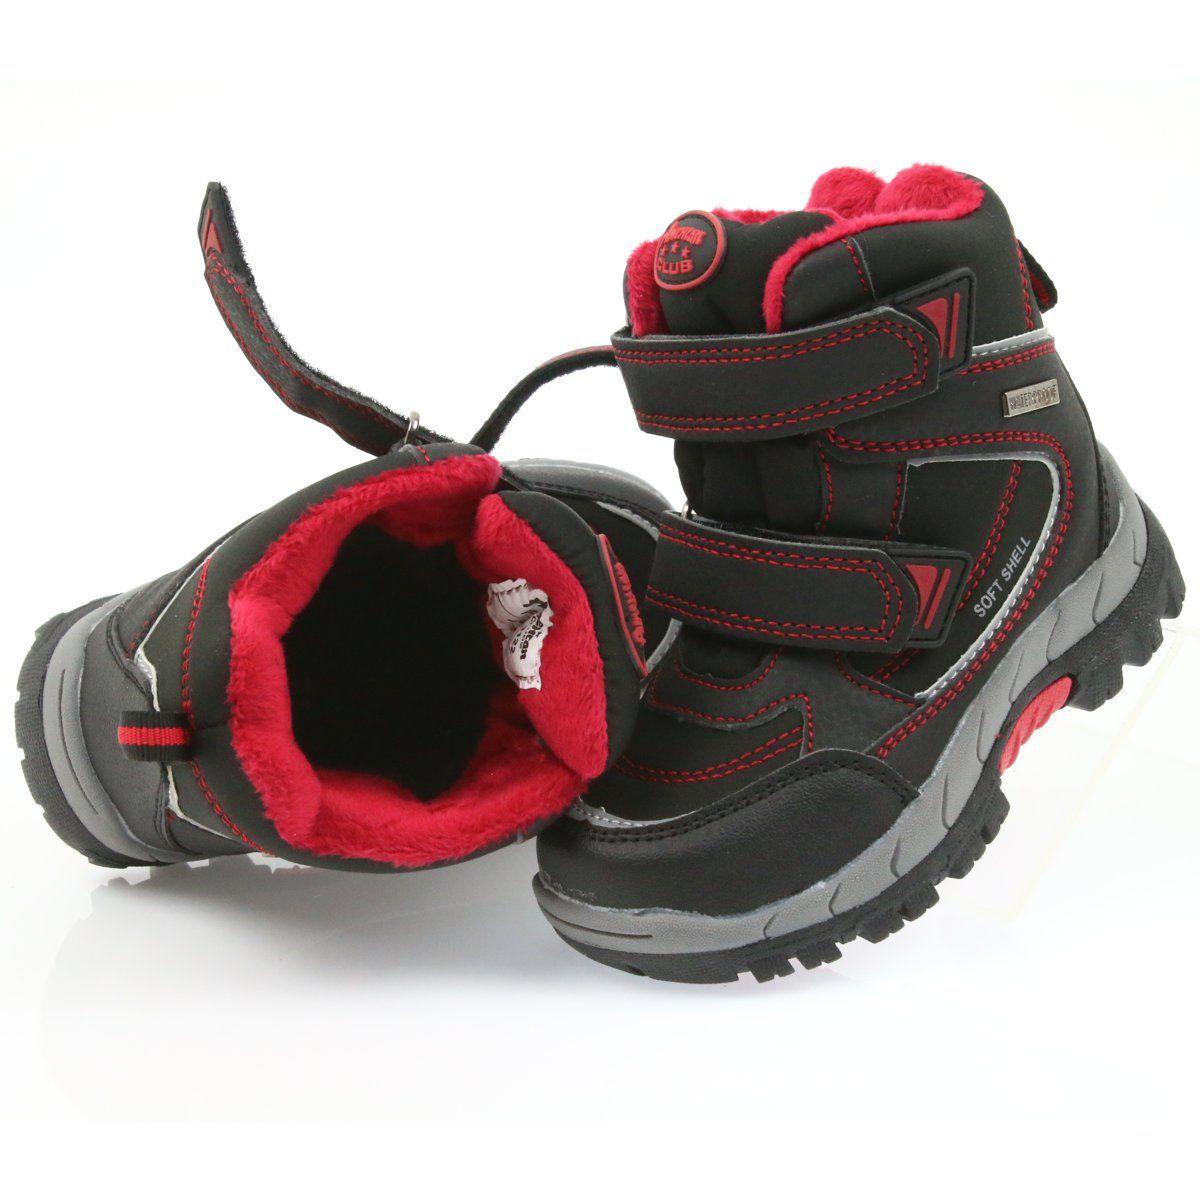 American Club American Kozaki Buty Zimowe Z Membrana 3122 Czarne Czerwone Shoes Baby Shoes Kids